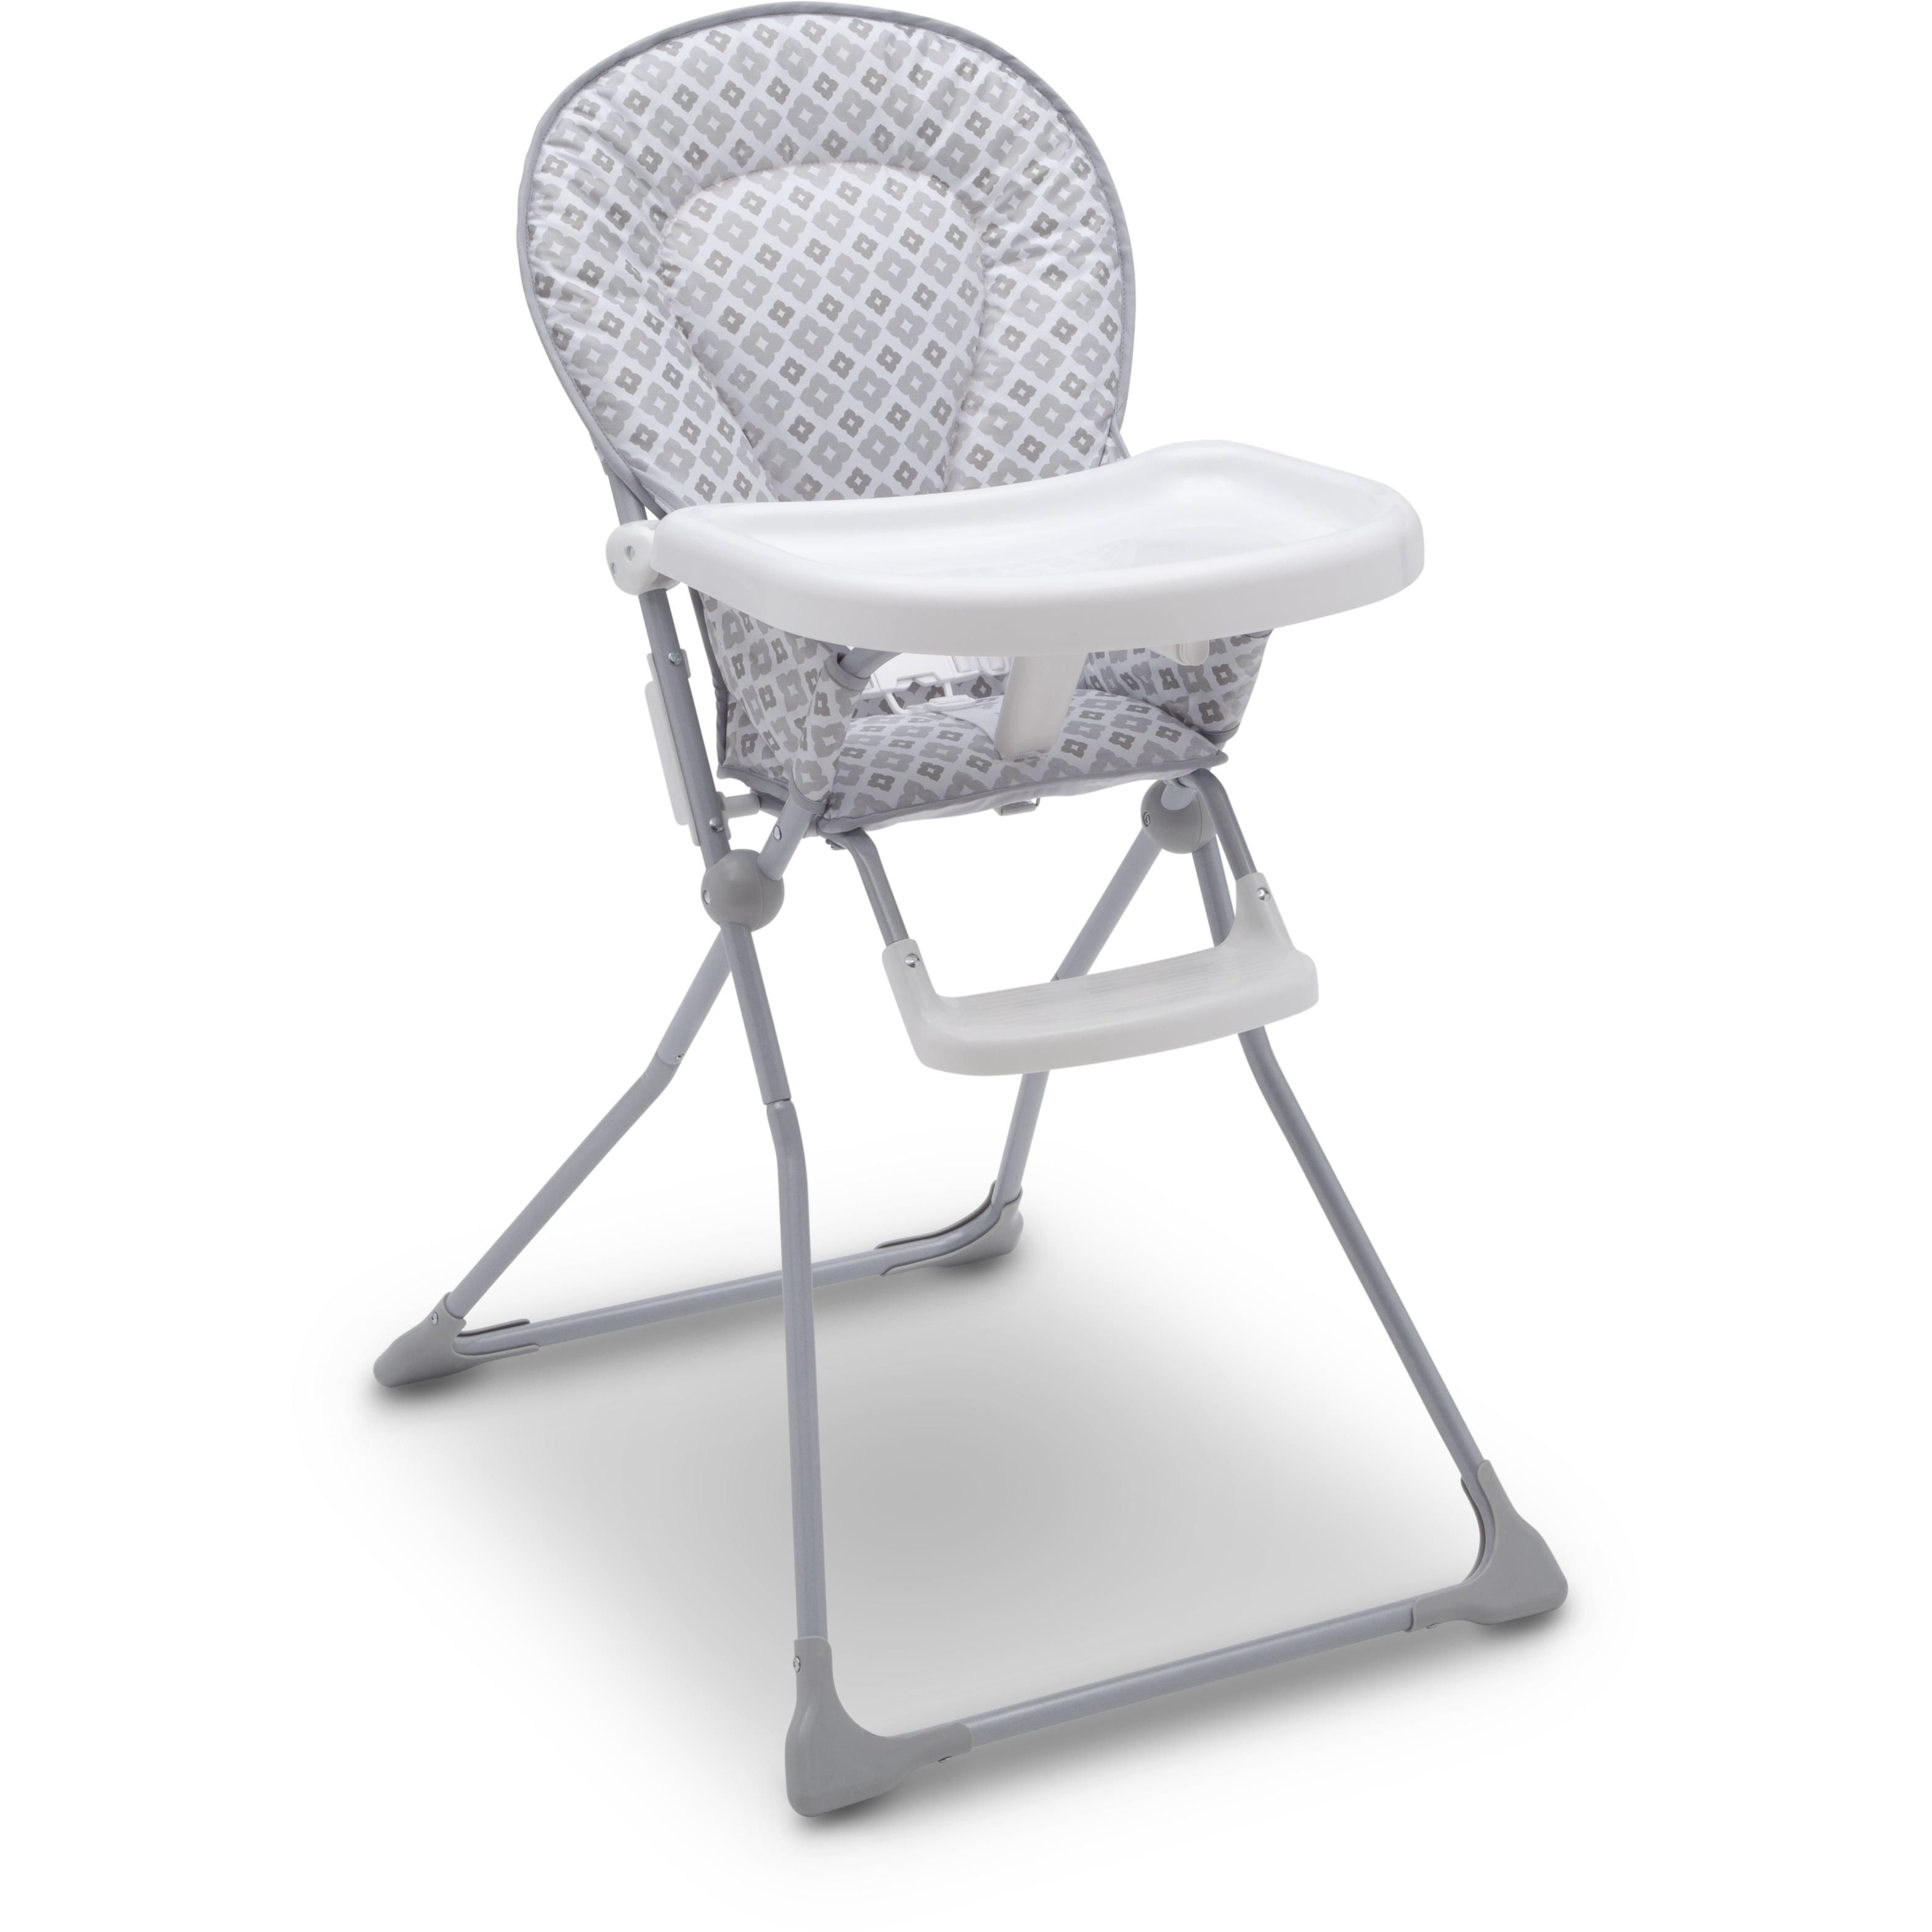 Delta Children's EZ-Fold High Chair - Glacier Metal